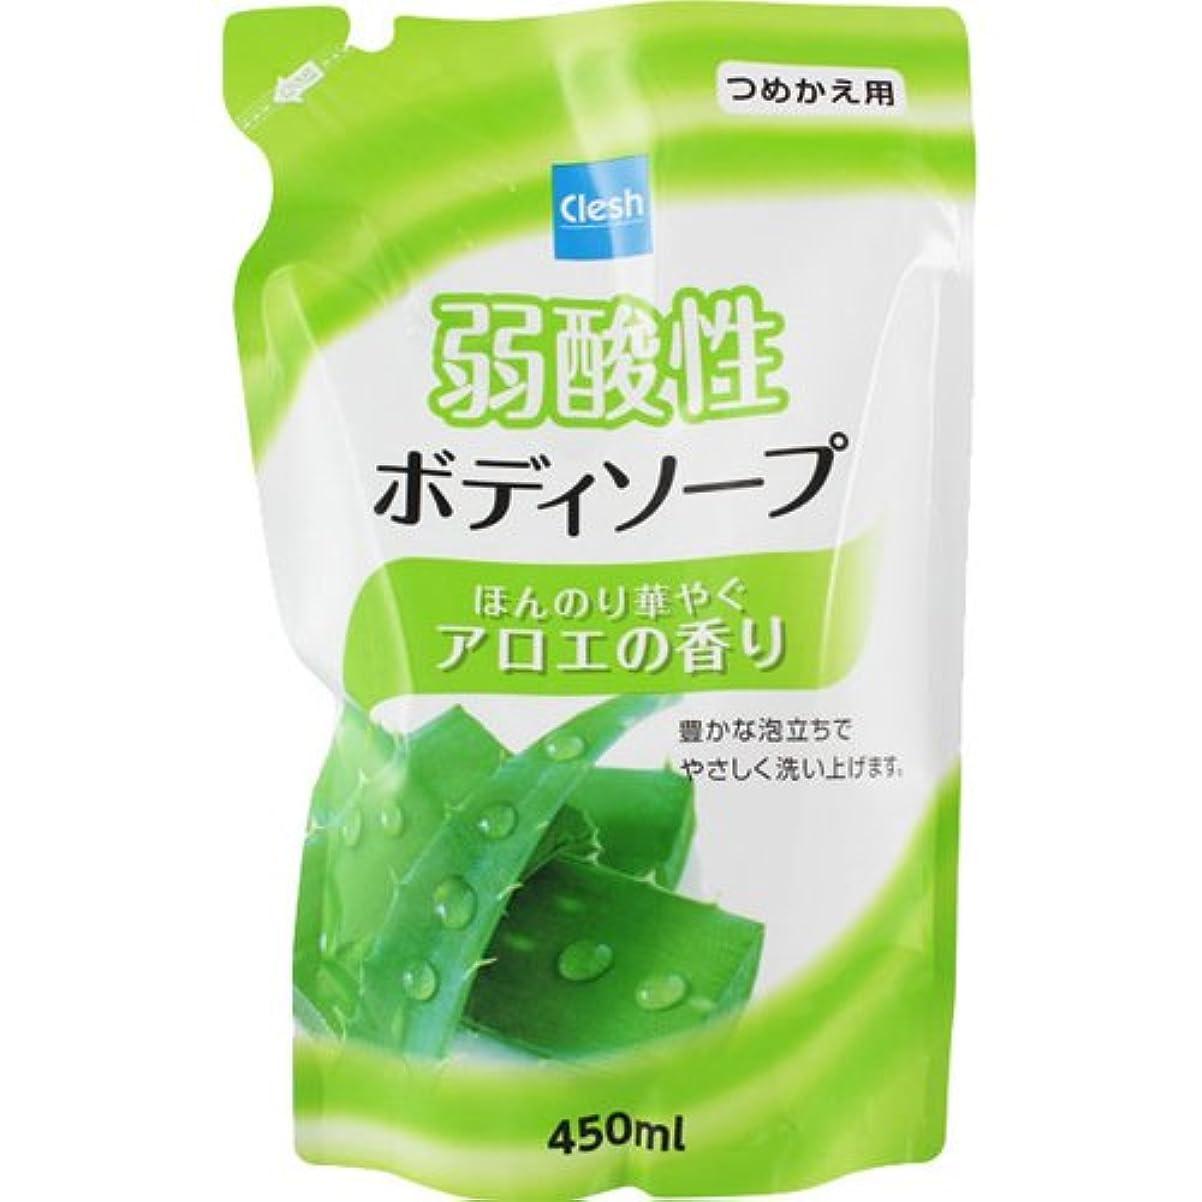 航空決めますテーマClesh(クレシュ) 弱酸性ボディソープ アロエの香り つめかえ用 450ml